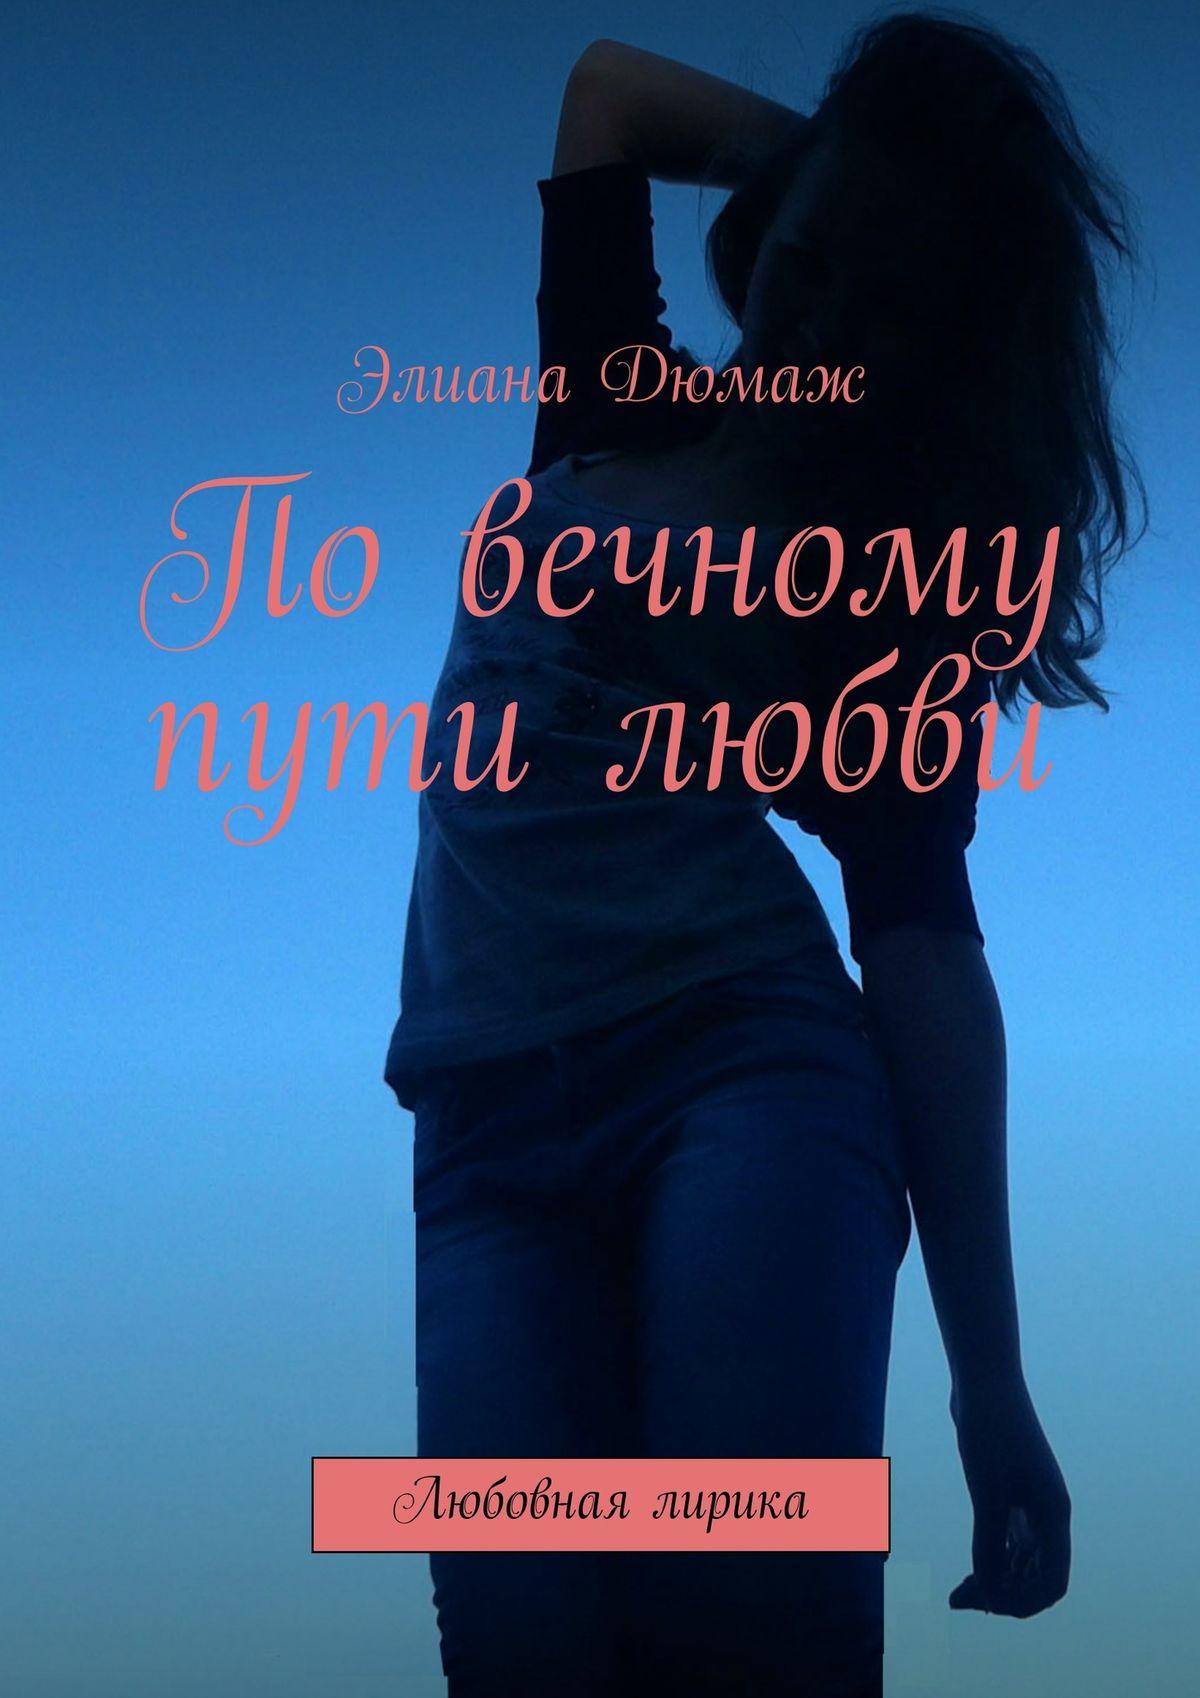 Арина Алексеевская По вечному пути любви. Любовная лирика ирина хамидуллина и нет нигде земли на свете прекрасней родины моей